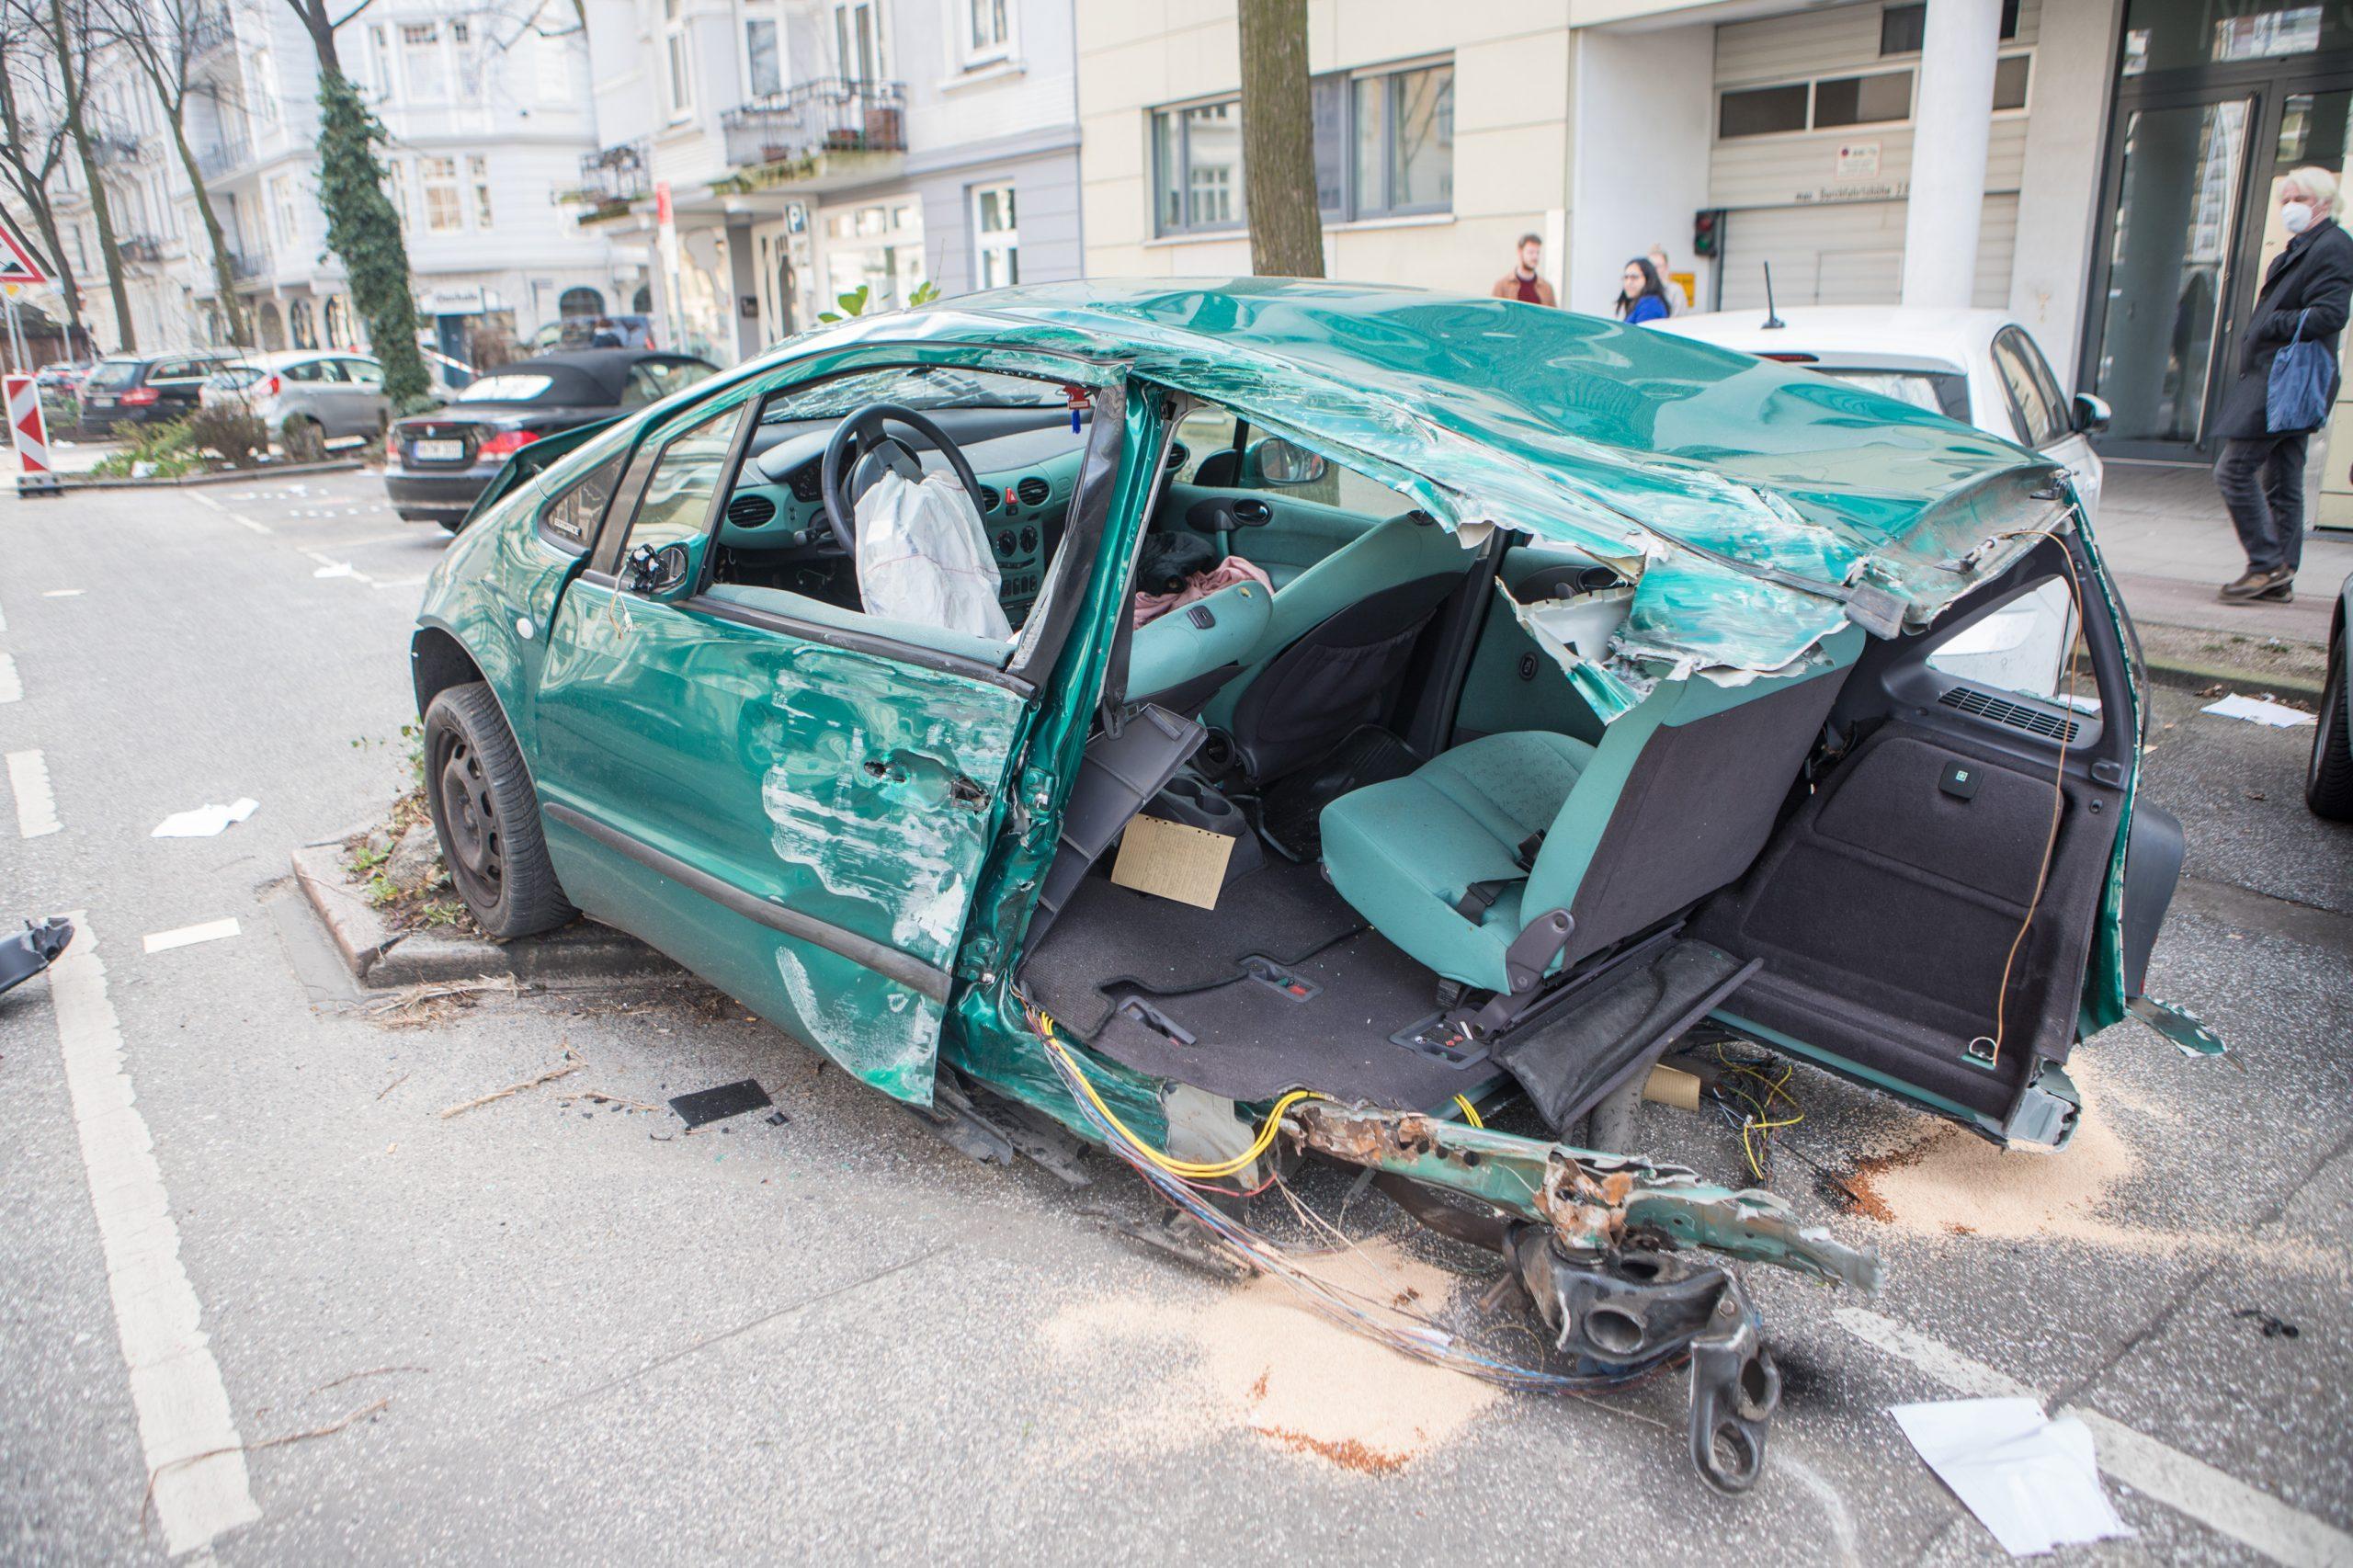 Zeugenaufruf-nach-schwerem-Verkehrsunfall-in-Hamburg-Rotherbaum